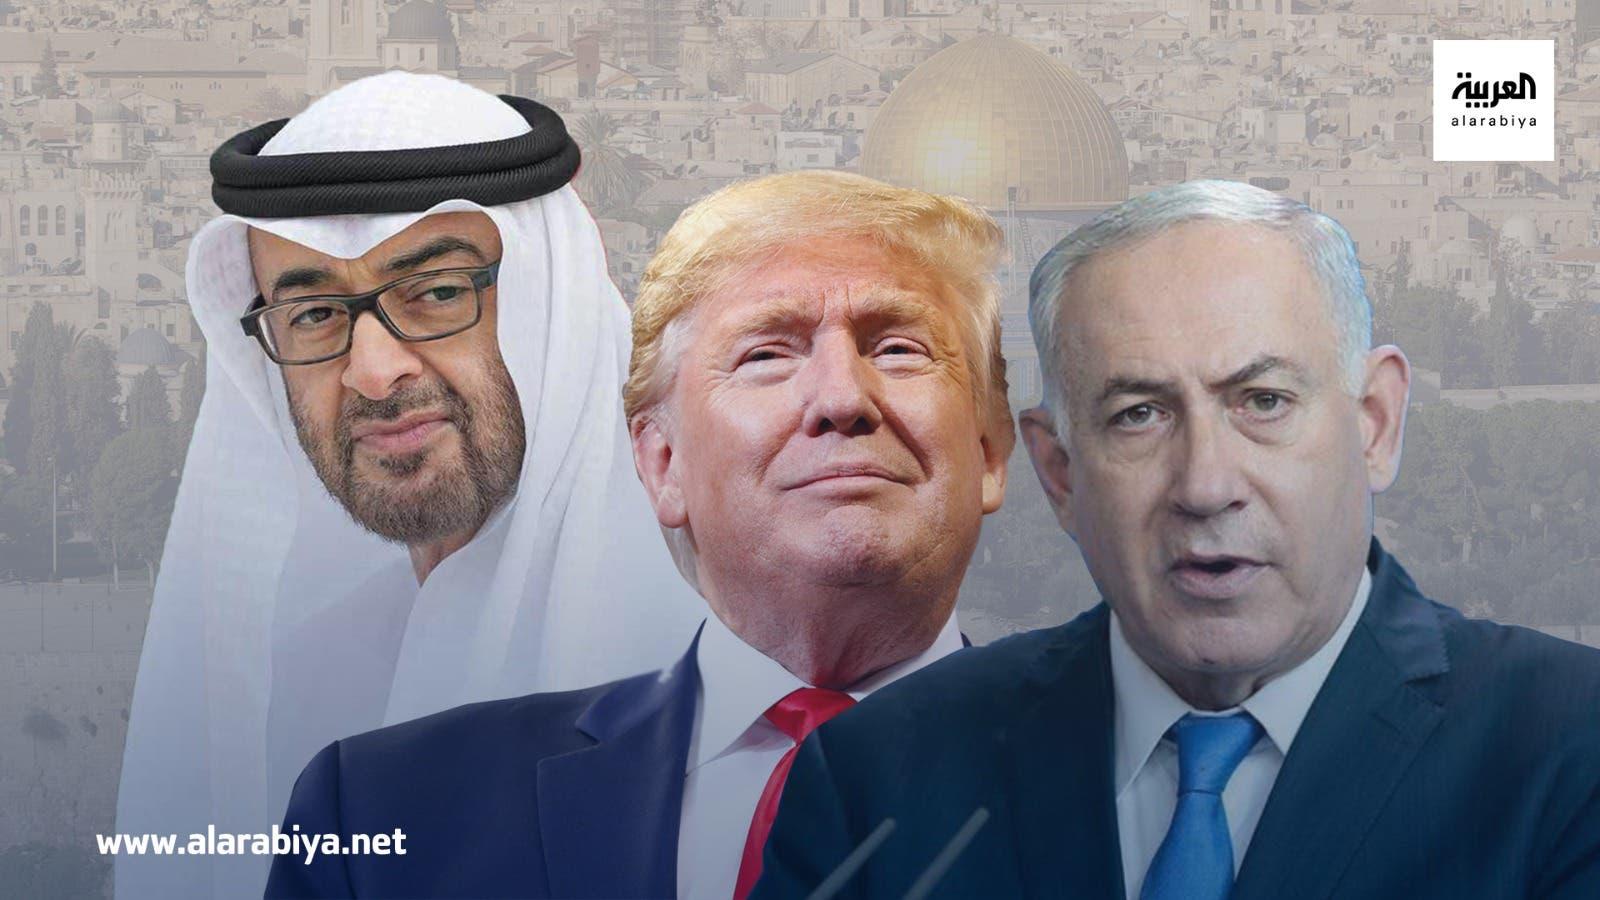 الإمارات إسرائيل أميركا